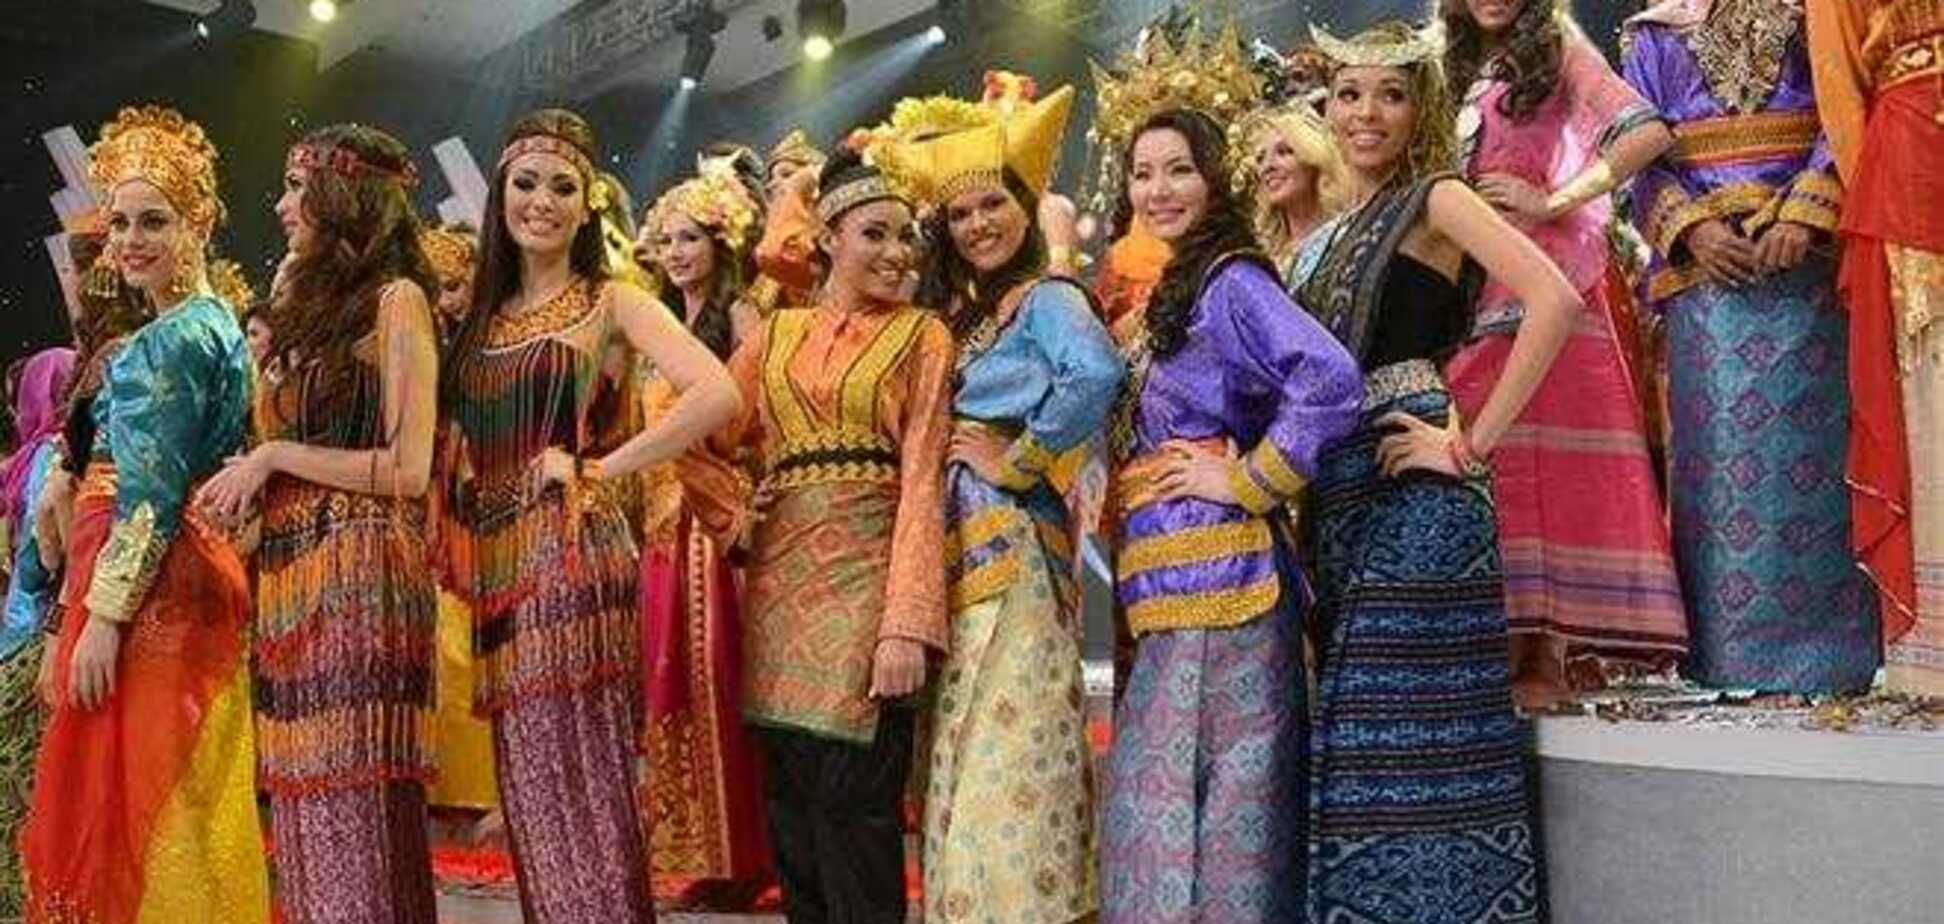 35 учасниць 'Міс світу 2013' не відповідають вимогам конкурсу